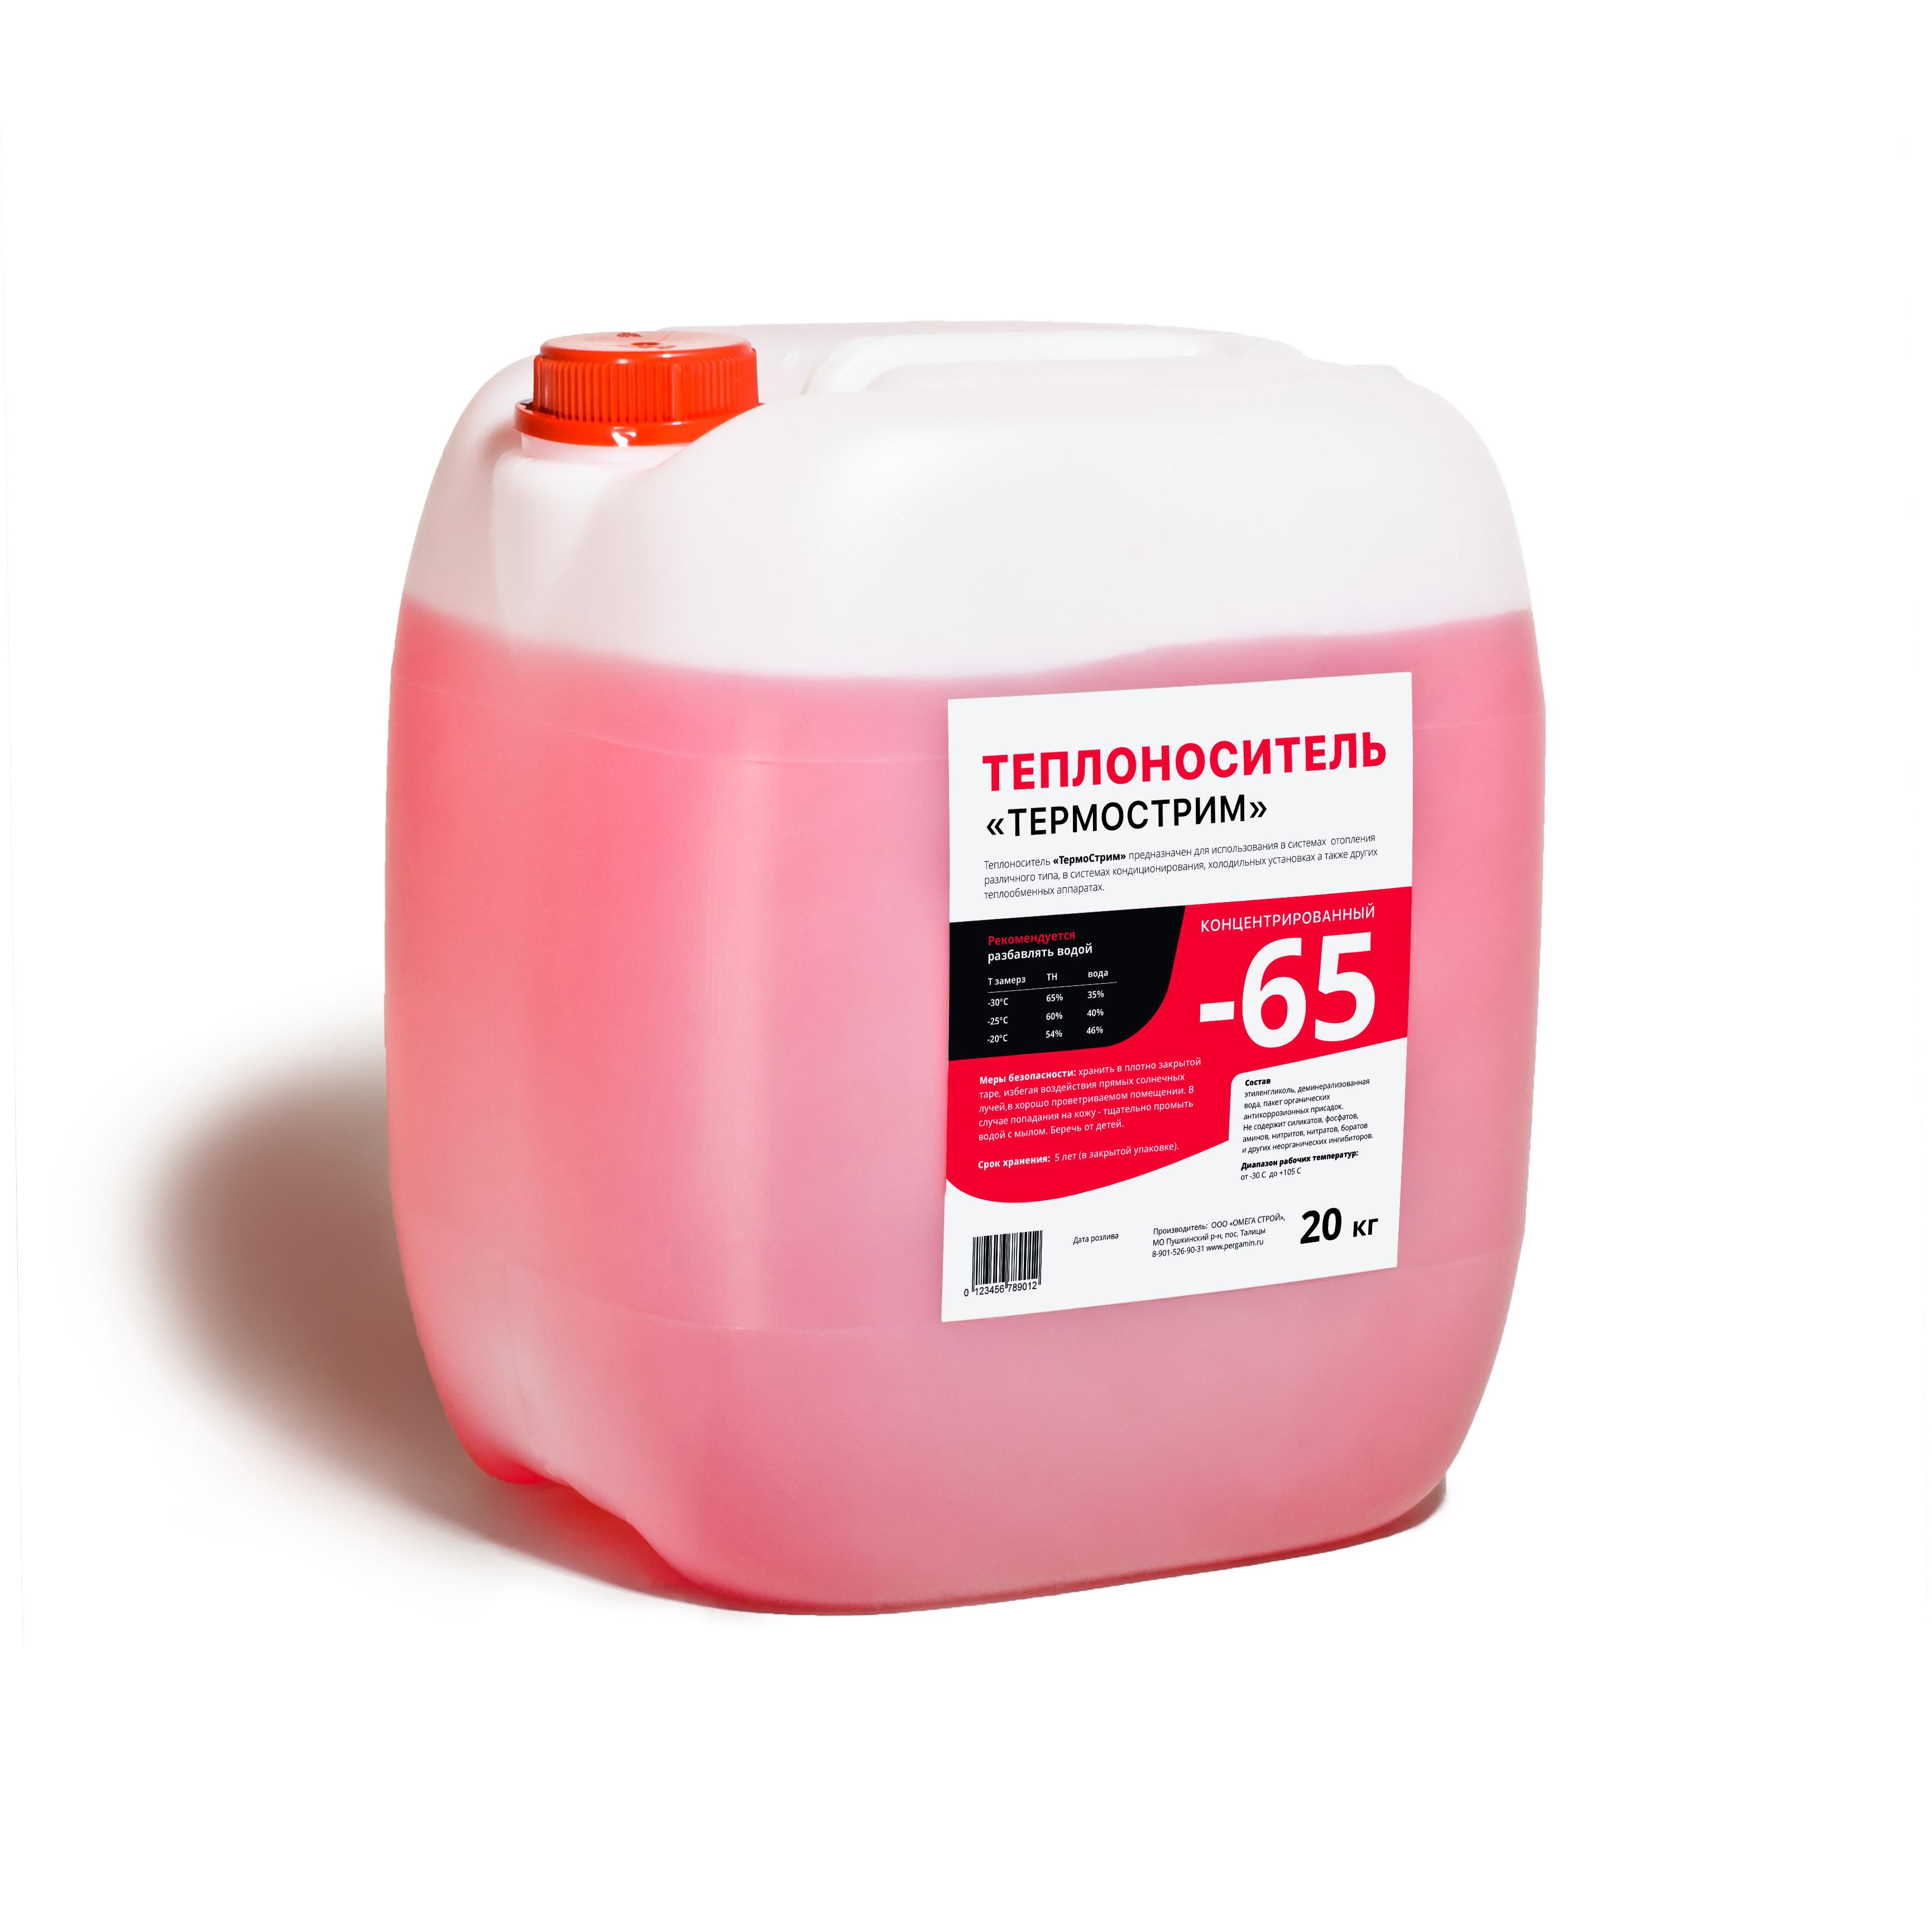 Термострим -65, 20 кг